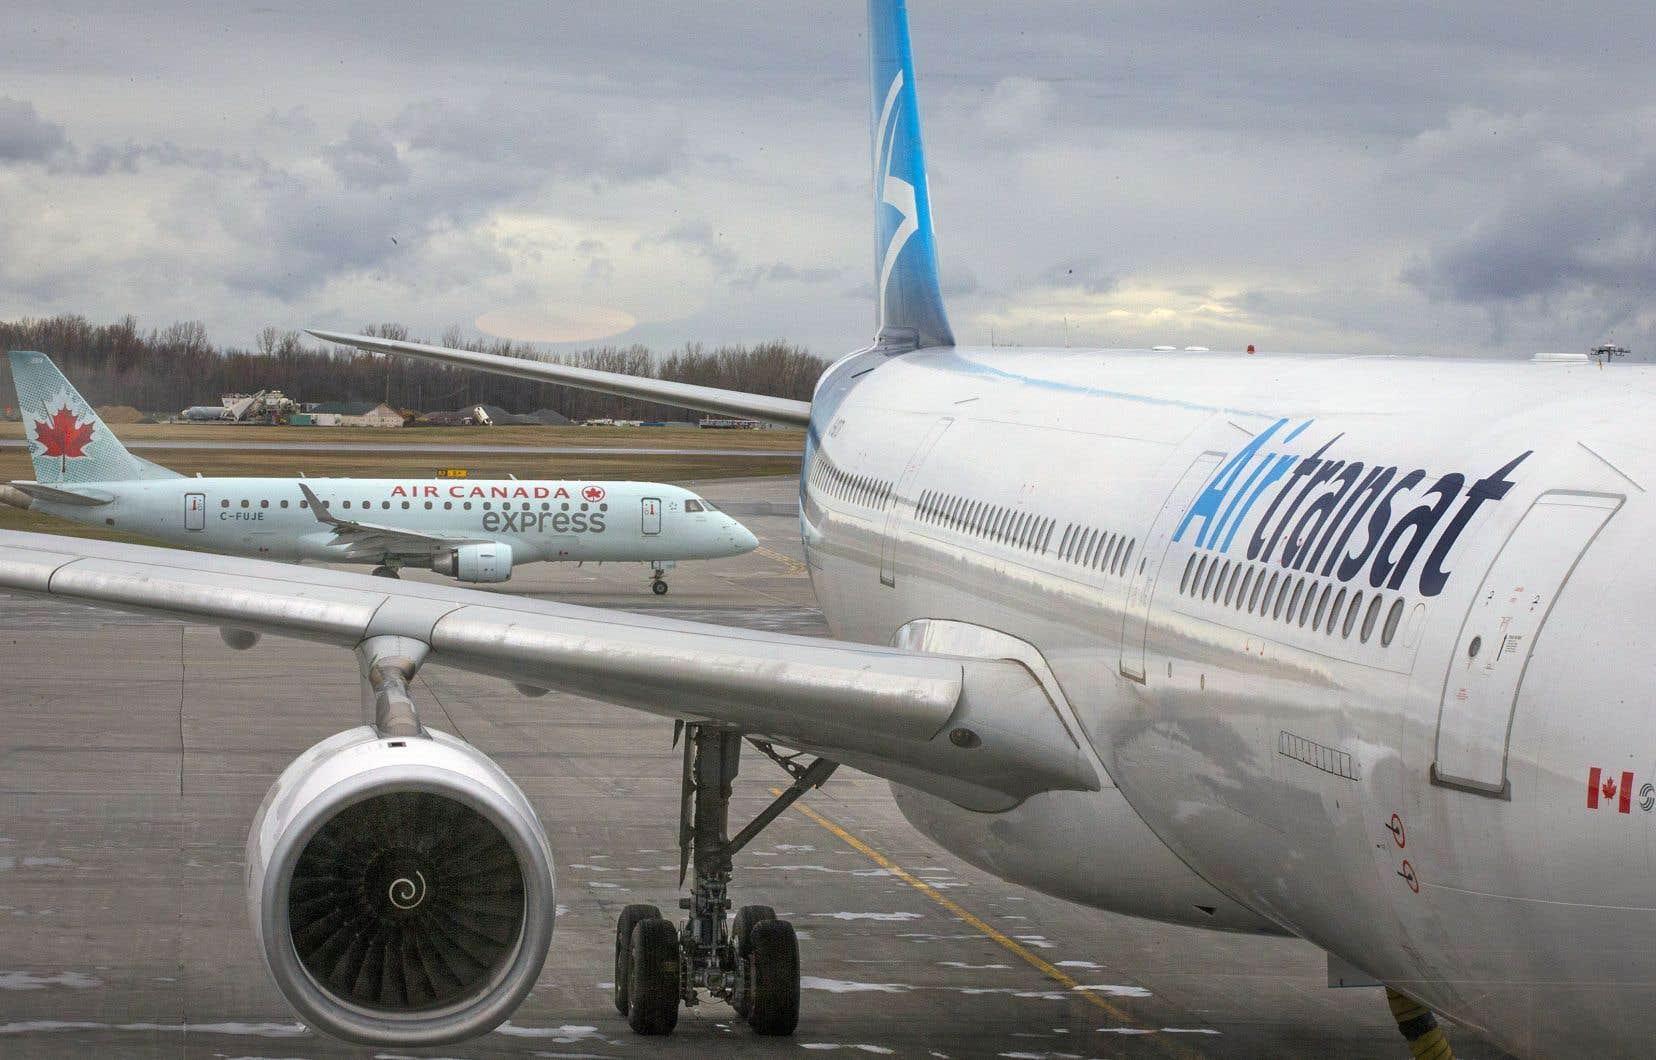 Selon le Bureau de la concurrence, l'achat de Transat par Air Canada entraînerait des hausses de prix sur certains trajets.